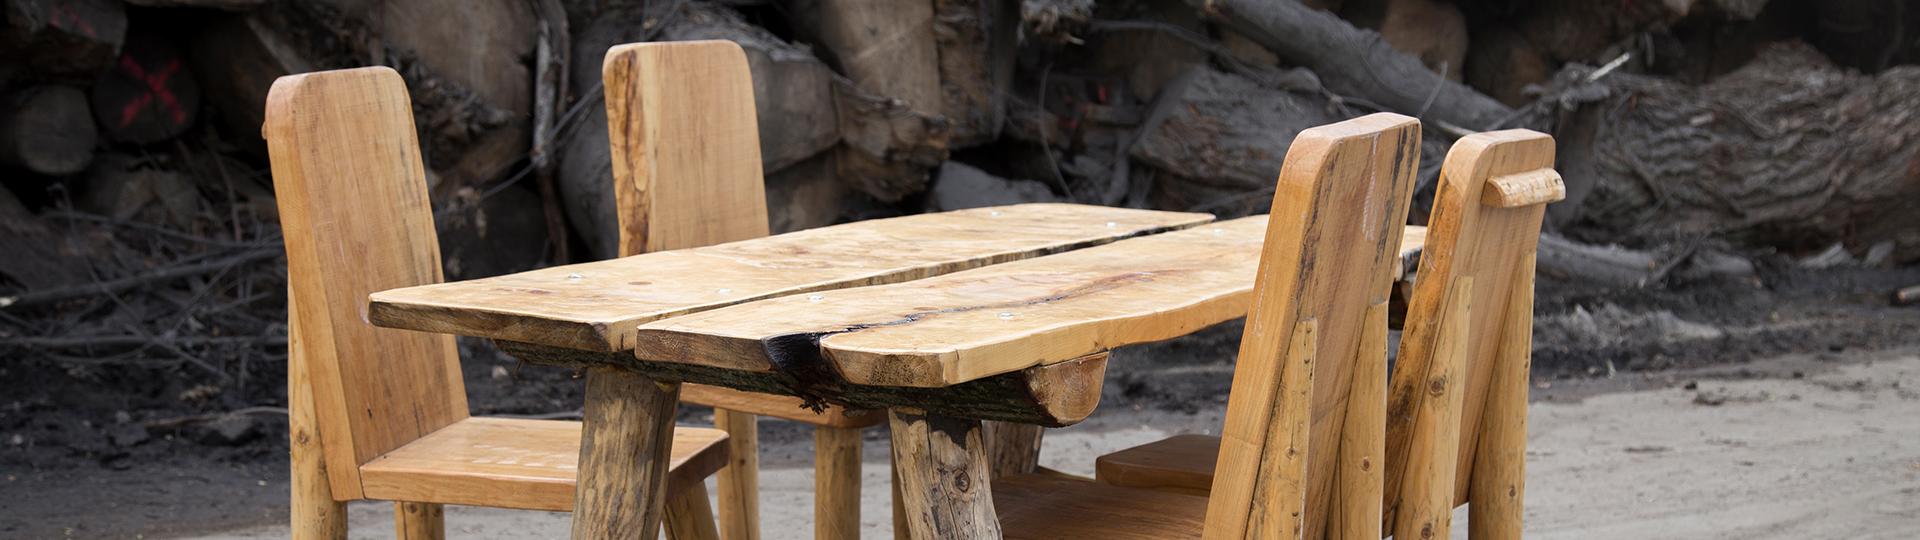 Magnifiek Robuuste houten meubels te huur bij M. van der Spek @OG92